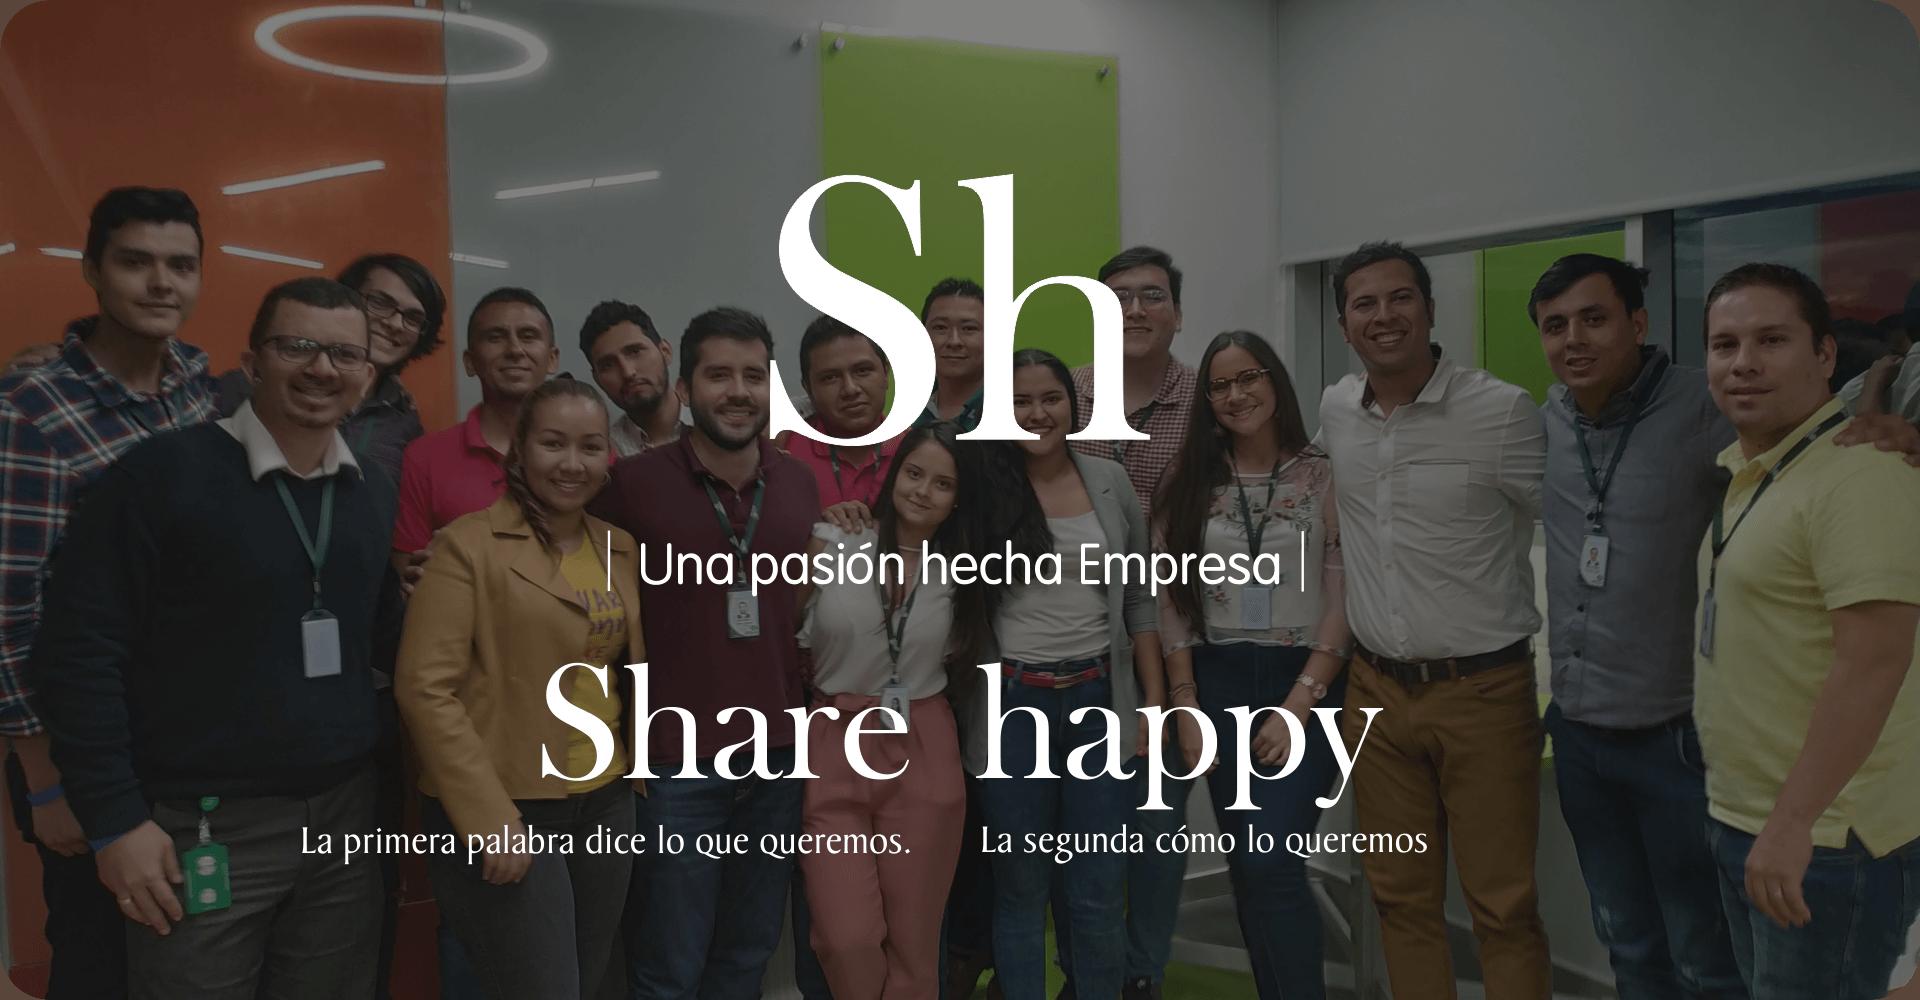 Nosotros - Shareppy Internacional